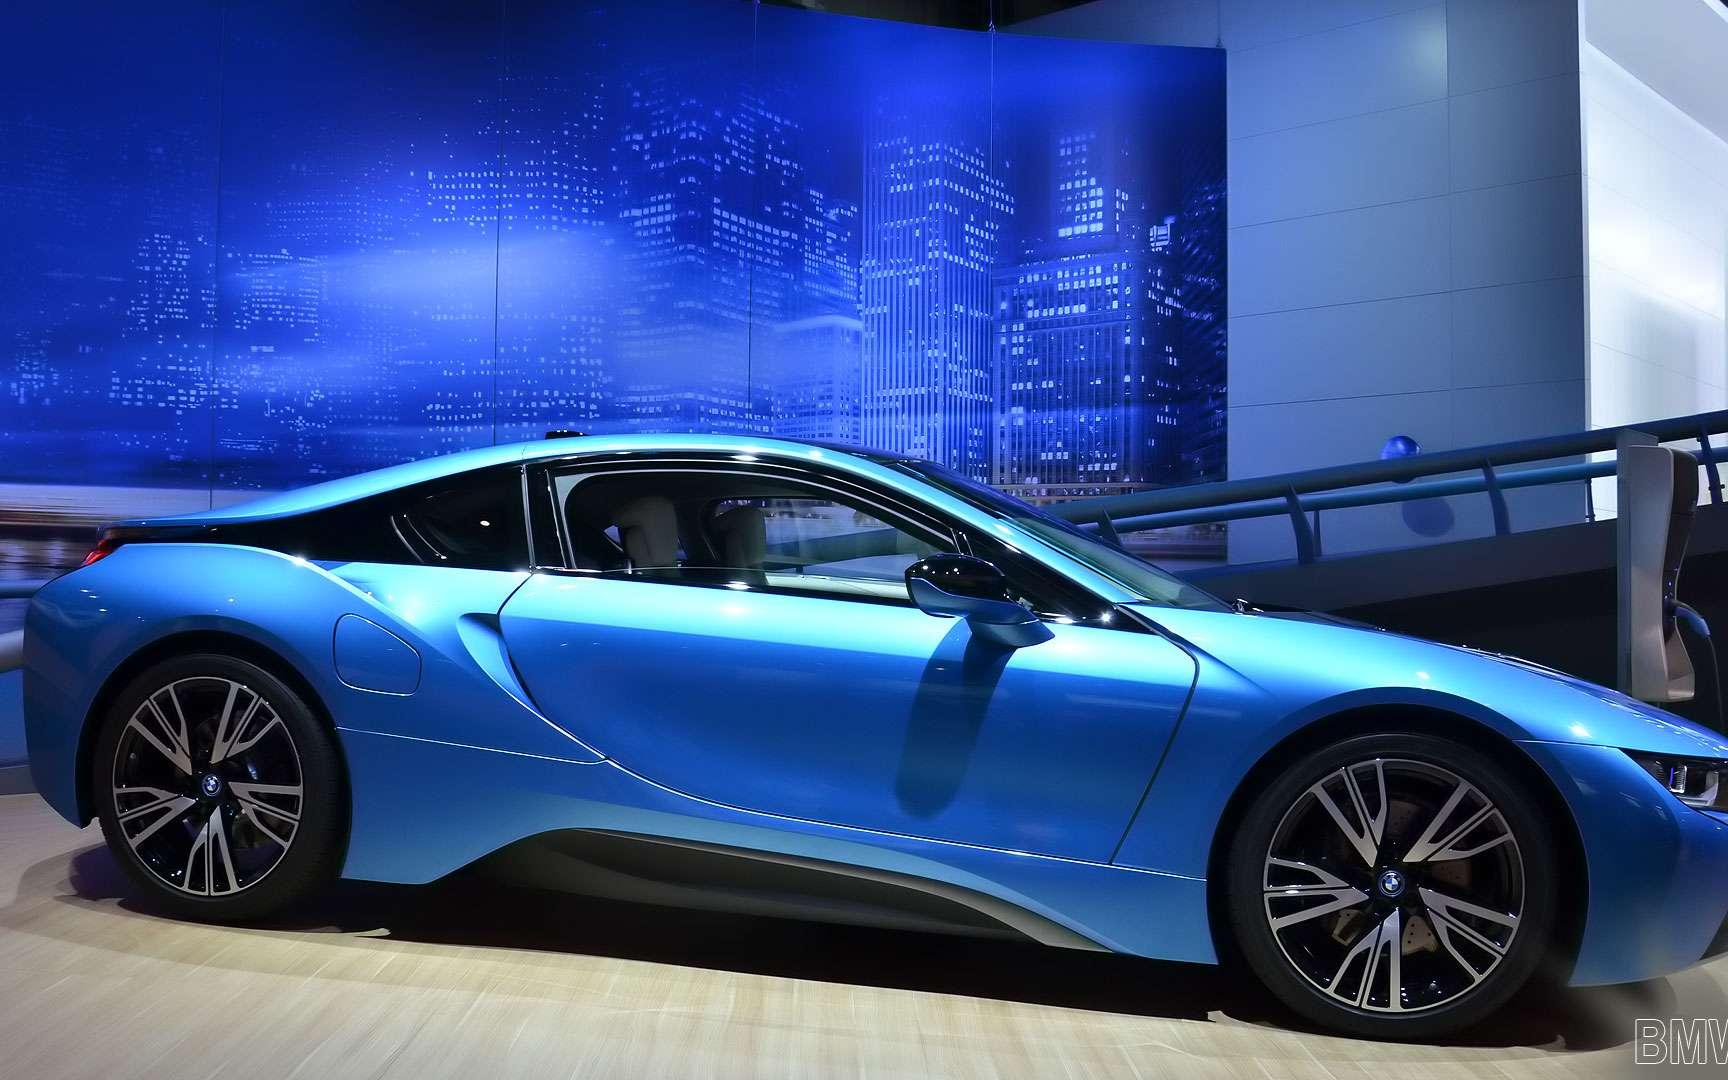 La BMW i8, une voiture de sport hybride rechargeable. La BMW i8 n'est pas en reste dans la course des voitures à faible consommation de carburant et d'émissions de particules. Sur cet aspect, la voiture de sport hybride rechargeable affiche sa volonté de concurrencer les citadines. Les roues arrière sont entraînées par un moteur TwinPower Turbo développant 231 CV, tandis que les roues avant sont mues par un moteur électrique de 131 CV. La BMW i8 affiche une accélération de 0 à 100 km/h en 4,4 s et une vitesse maximale de 250 km/h. La batterie lithium-ion permet une autonomie de 35 km en tout électrique. © Andy_BB, CC by-nc 2.0